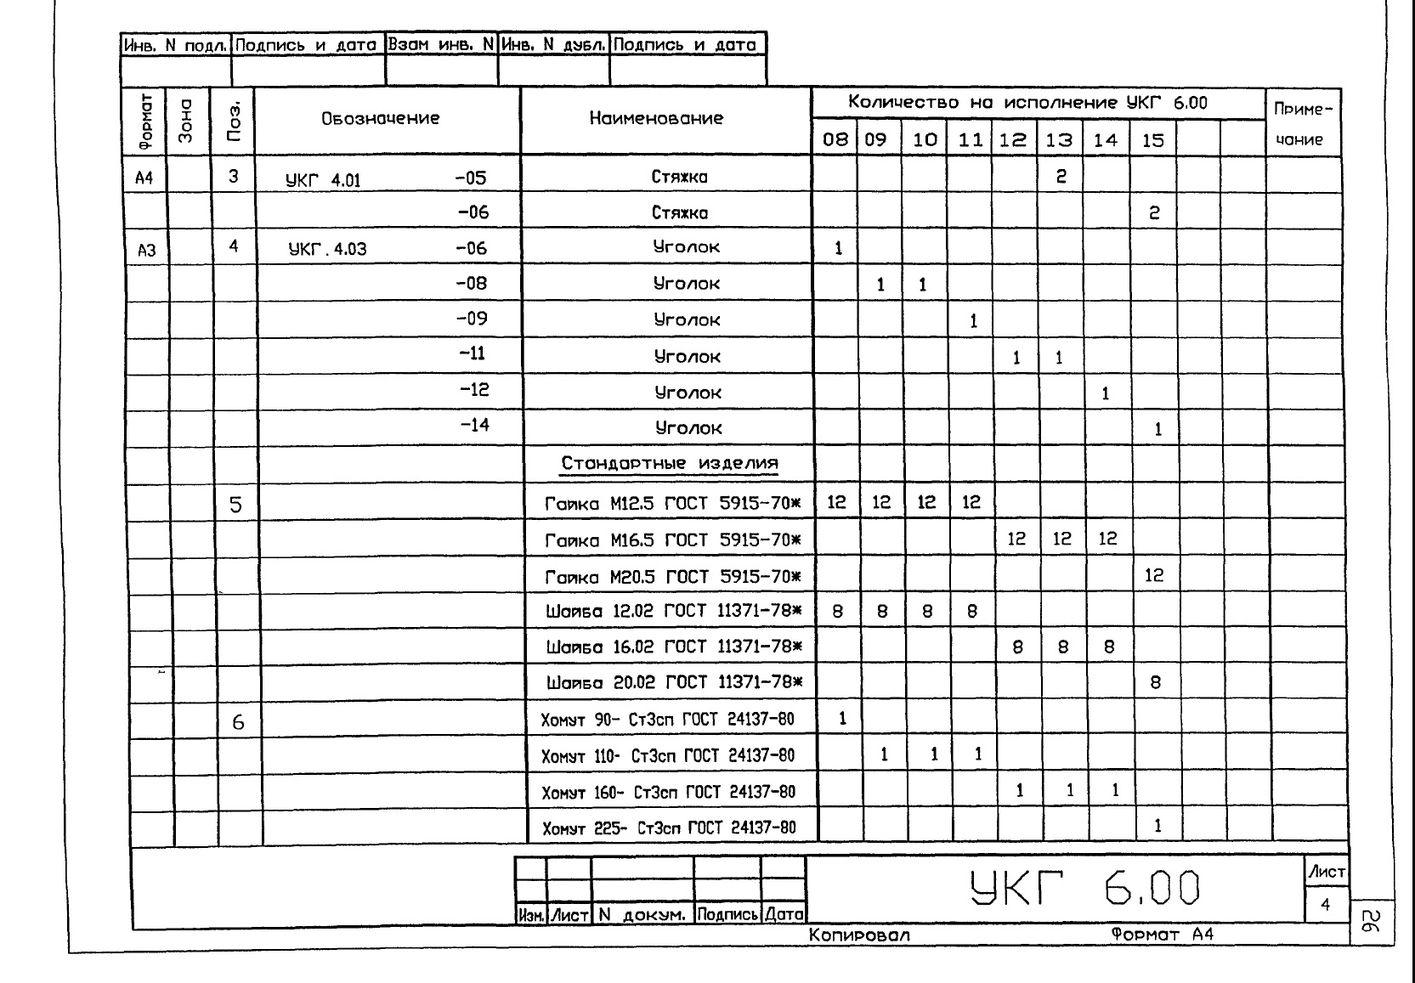 Крепление вертикального газопровода Ду 50...500 мм к железобетонной колонне УКГ 6.00 СБ серия 5.905-18.05 выпуск 1 стр.5